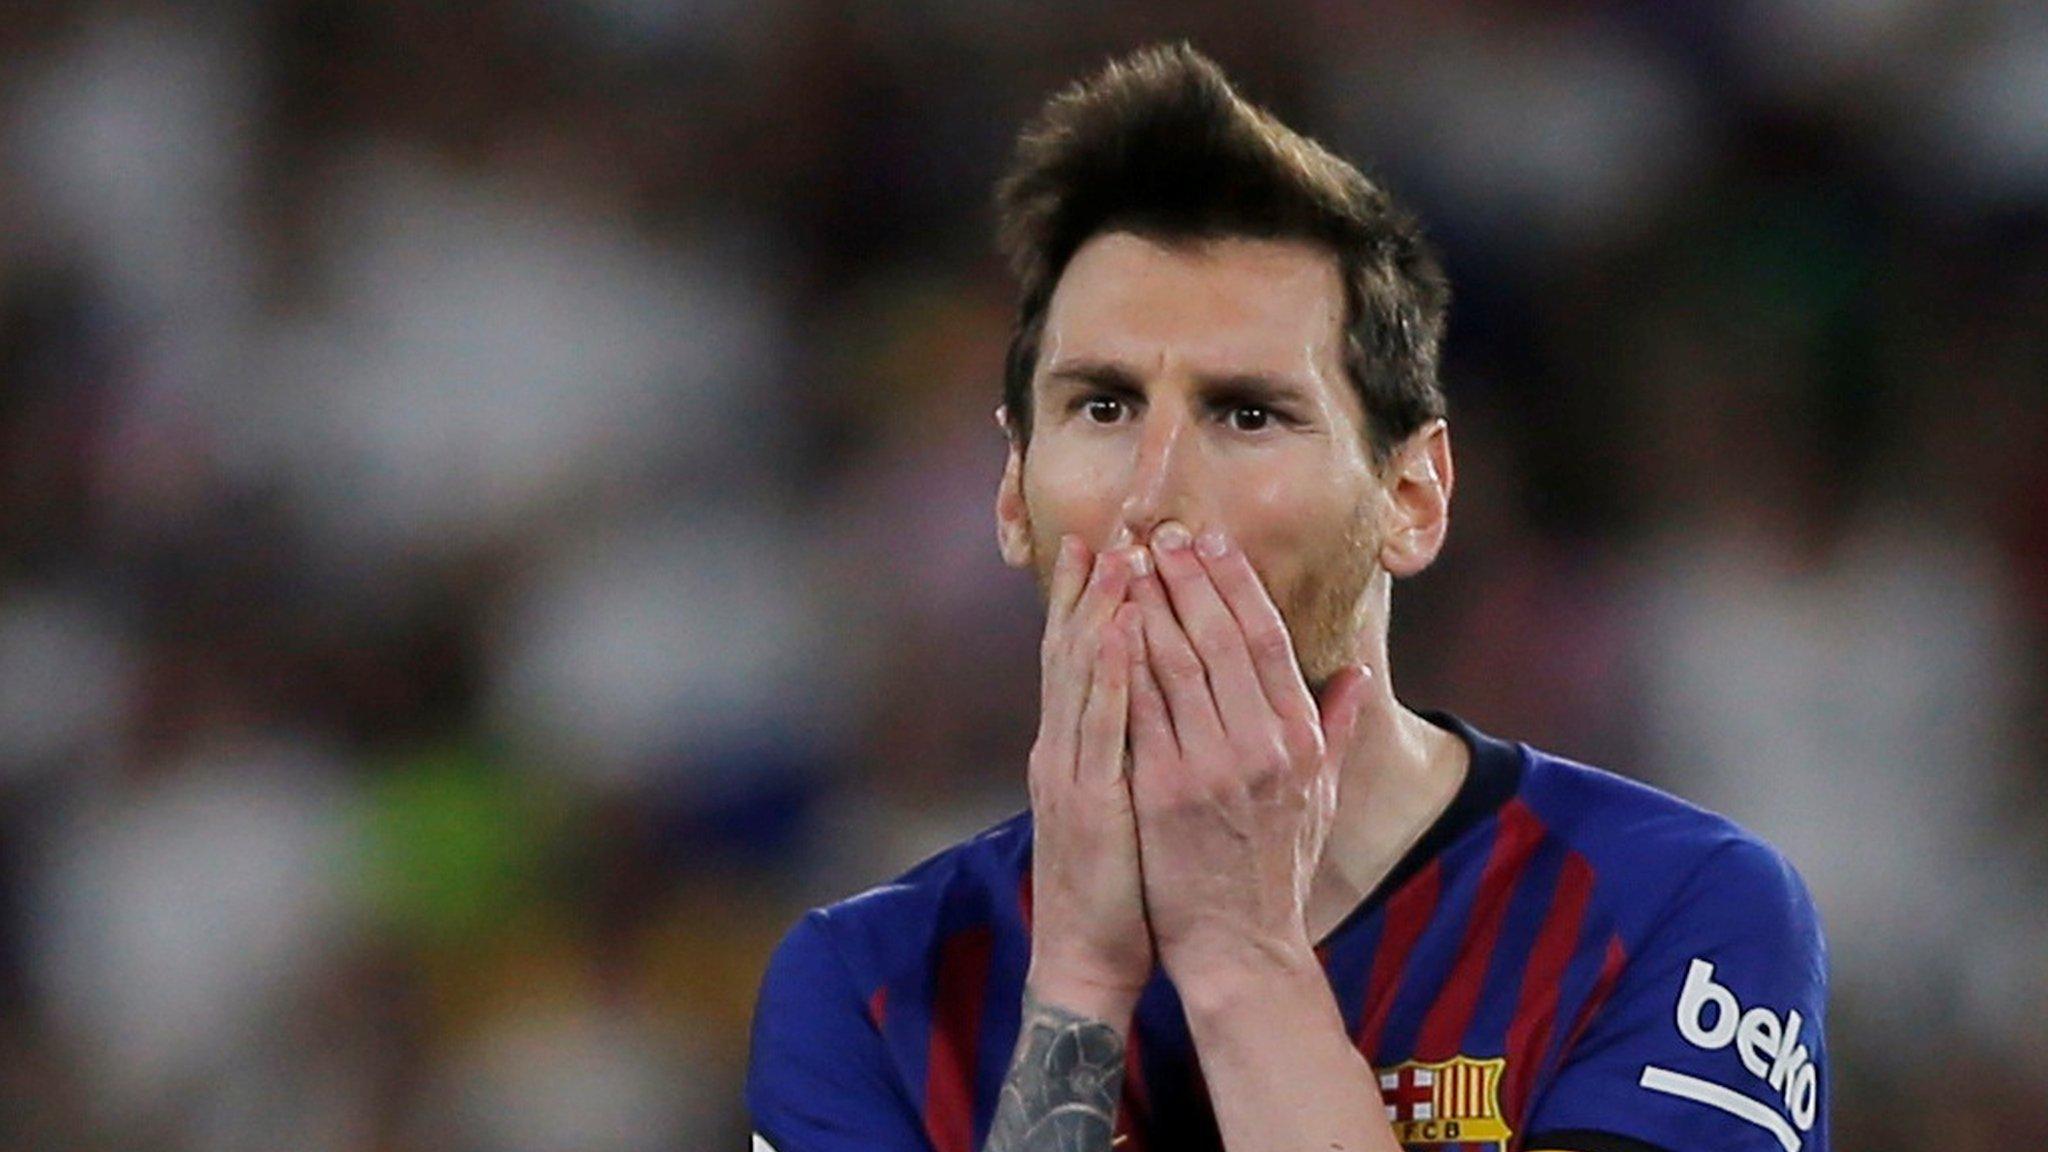 Copa del Rey final: Valencia end Barcelona's double dream